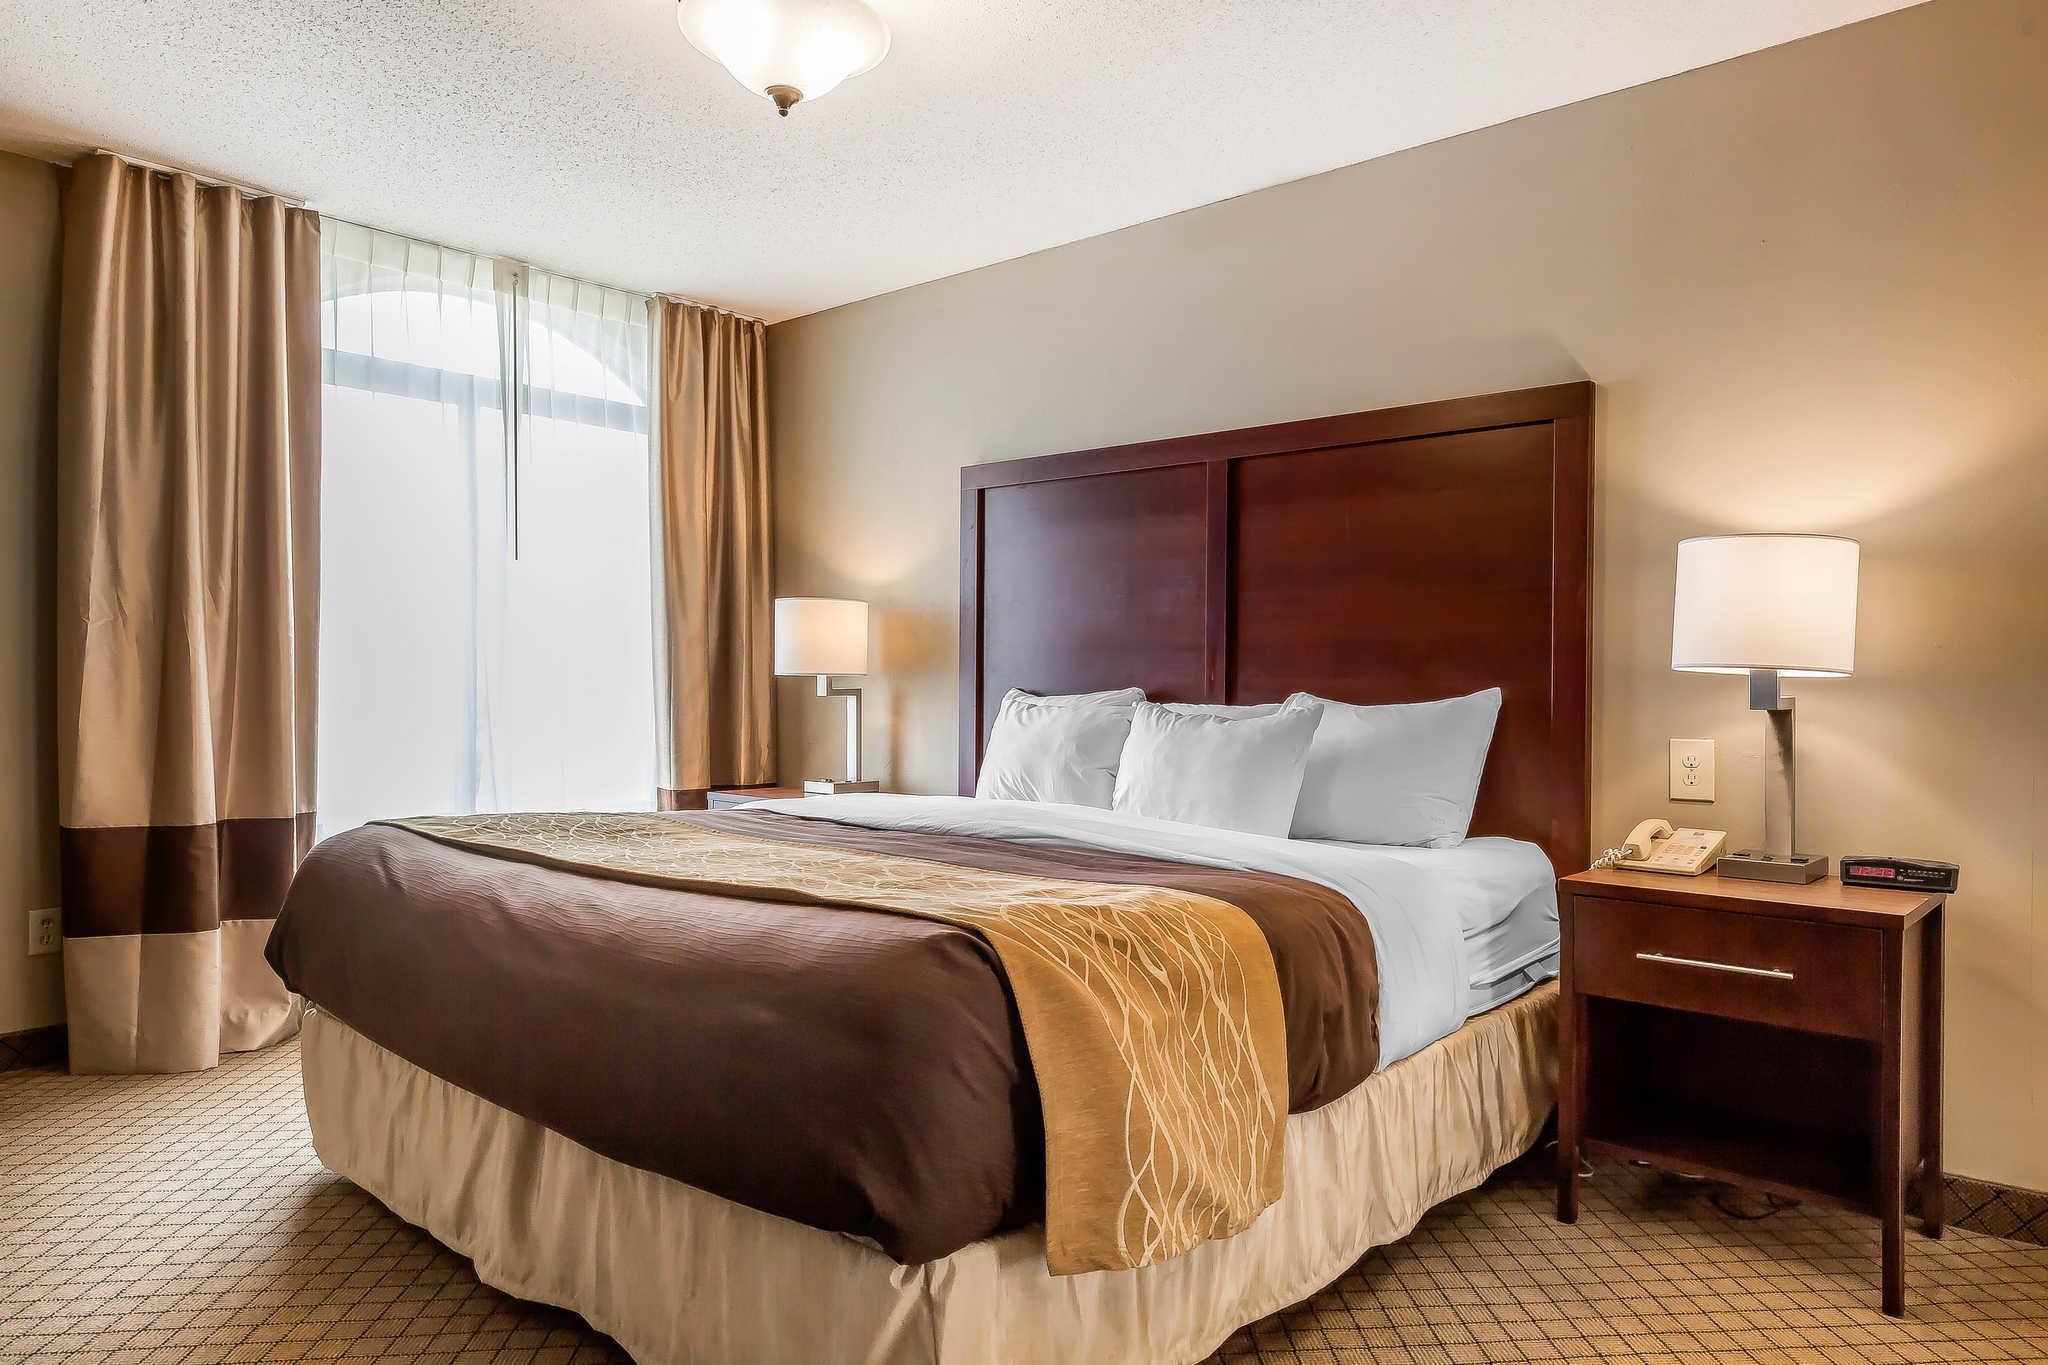 Comfort Inn Amp Suites Mishawaka Indiana Localdatabase Com